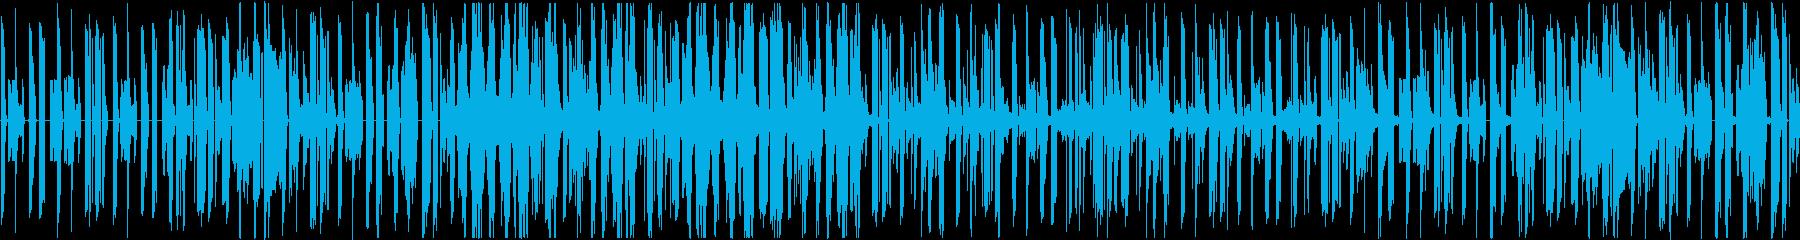 percussionとシンセの音だけの…の再生済みの波形